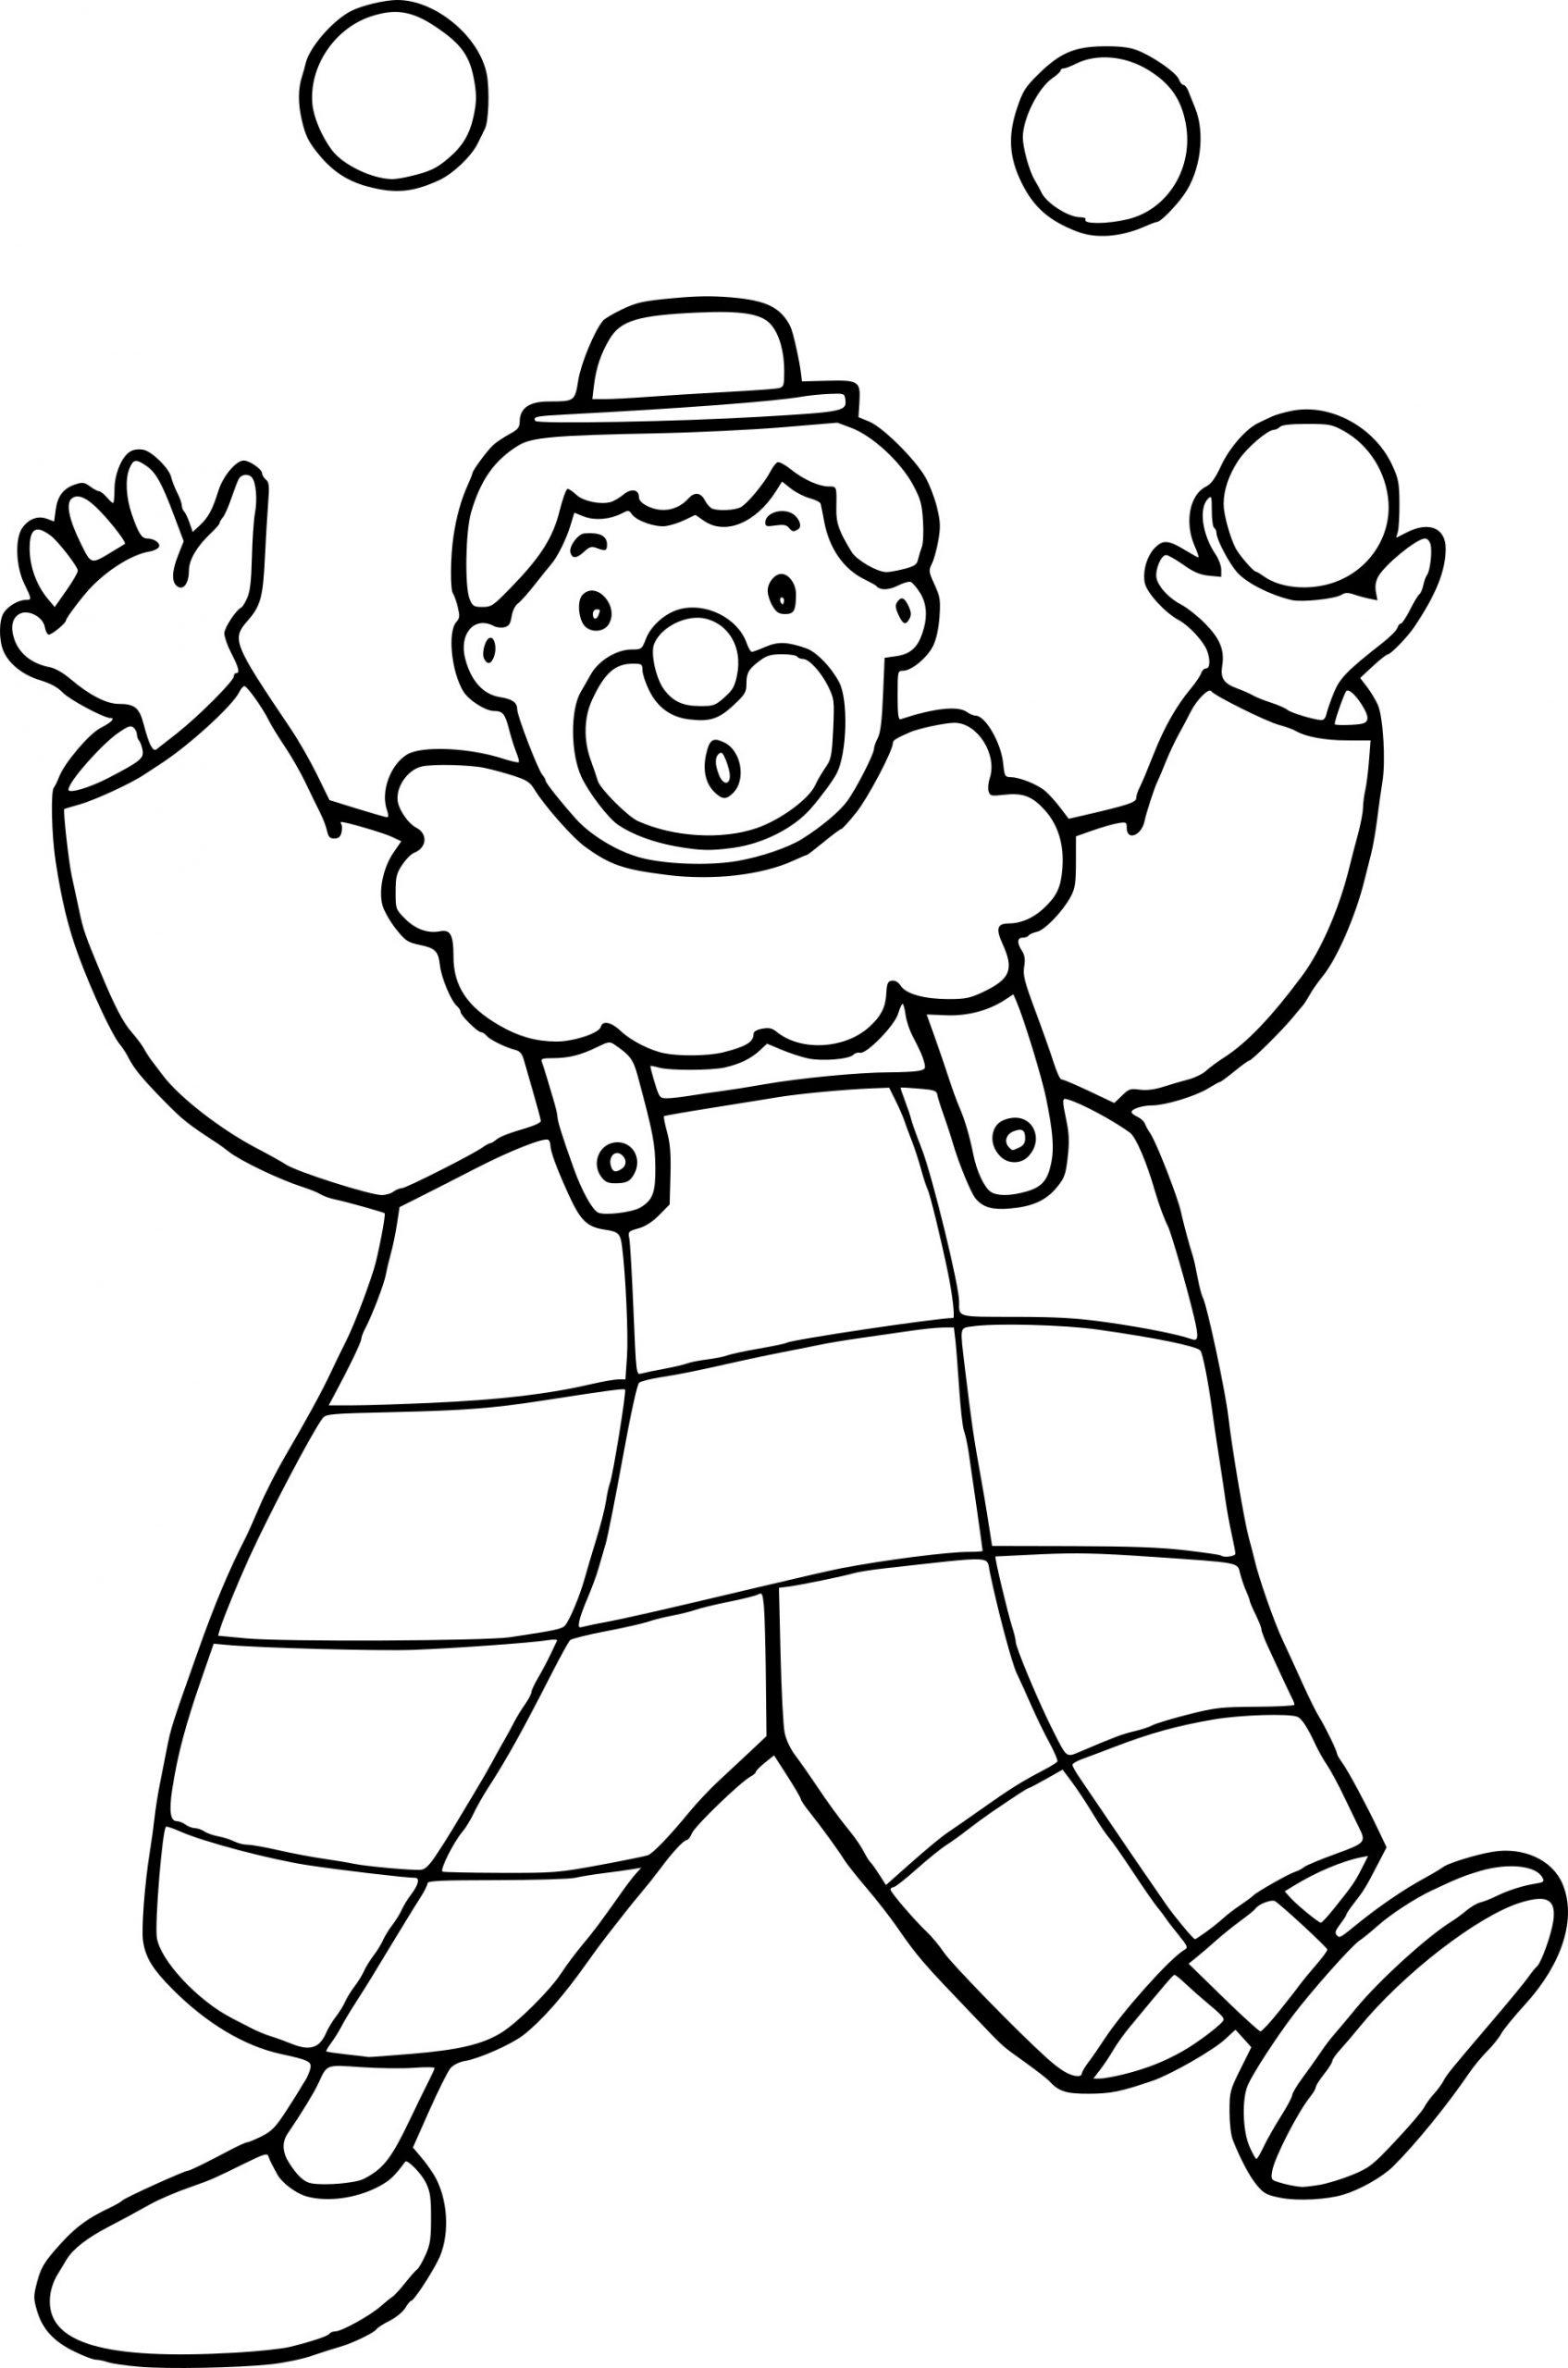 Coloriage Clown Ballon Dessin À Imprimer Sur Coloriages pour Coloriage Clown A Imprimer